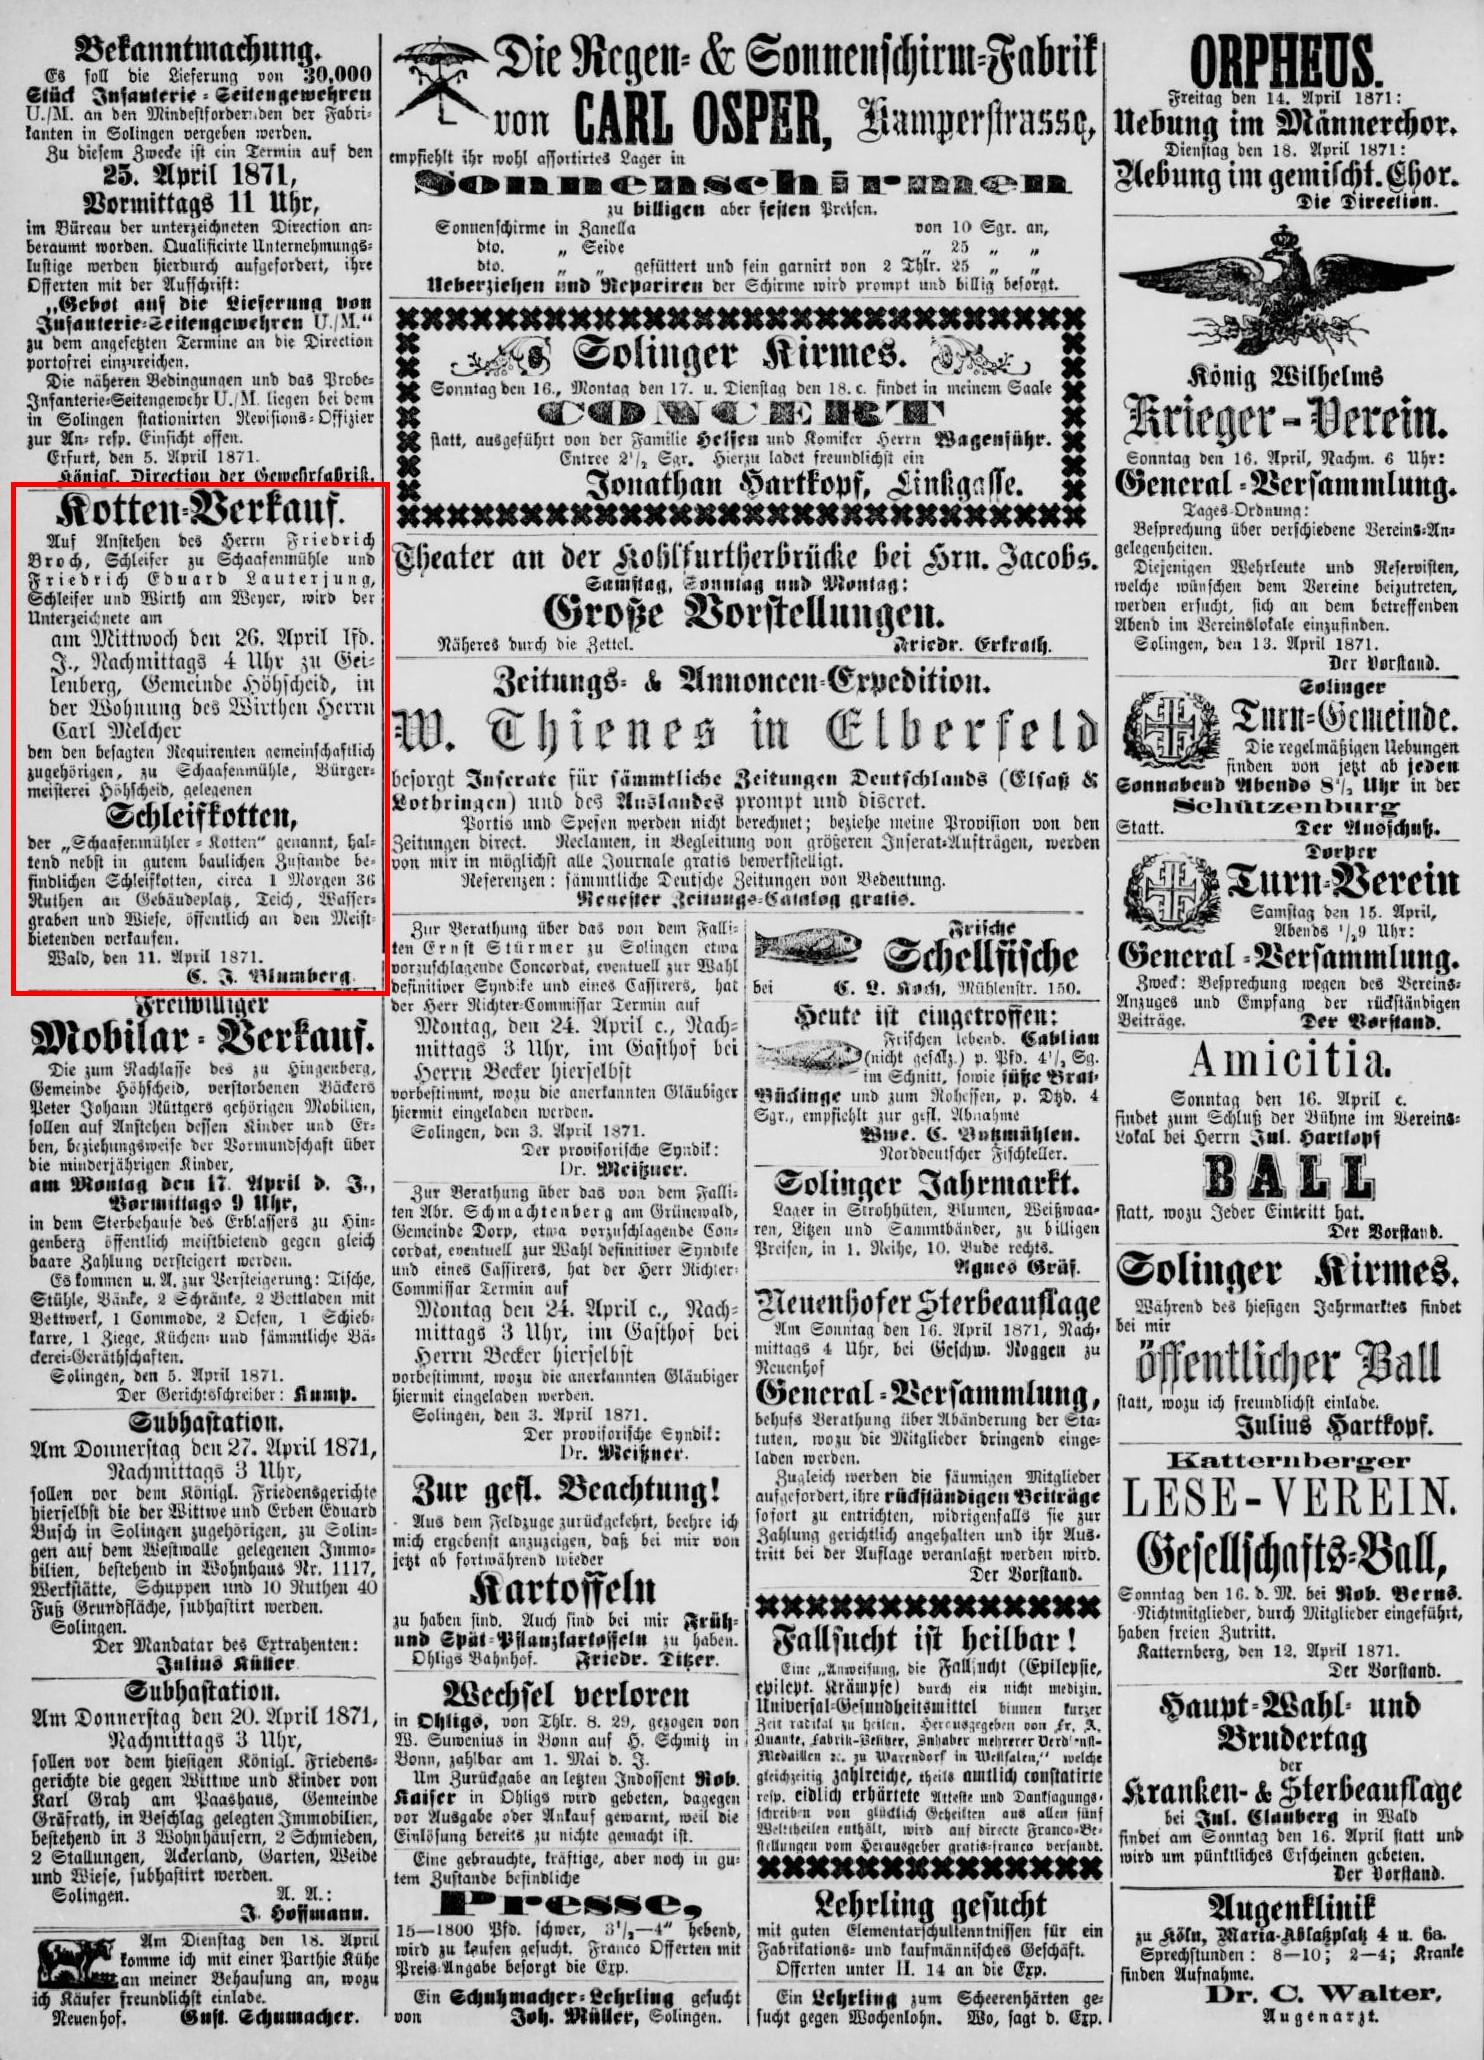 Anzeige_1871-04-14_Solinger-Kreis-Intelligenzblatt_Seite-4-oben